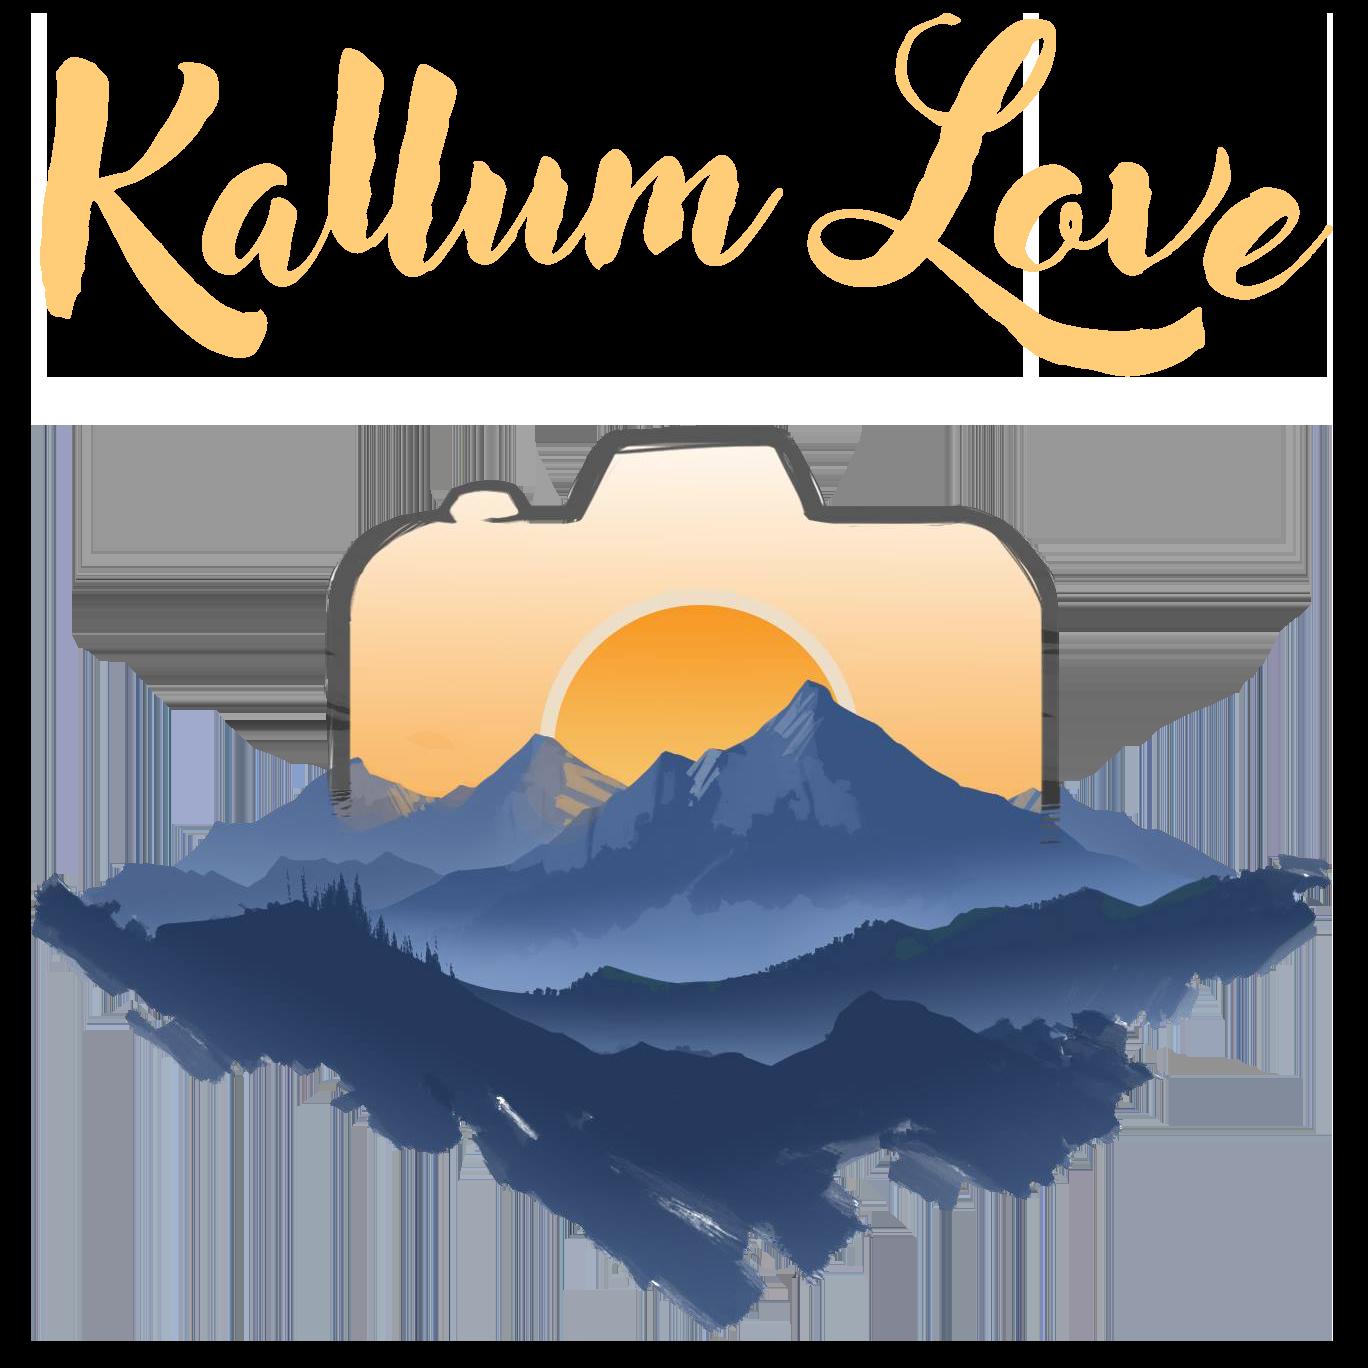 Kallum Love